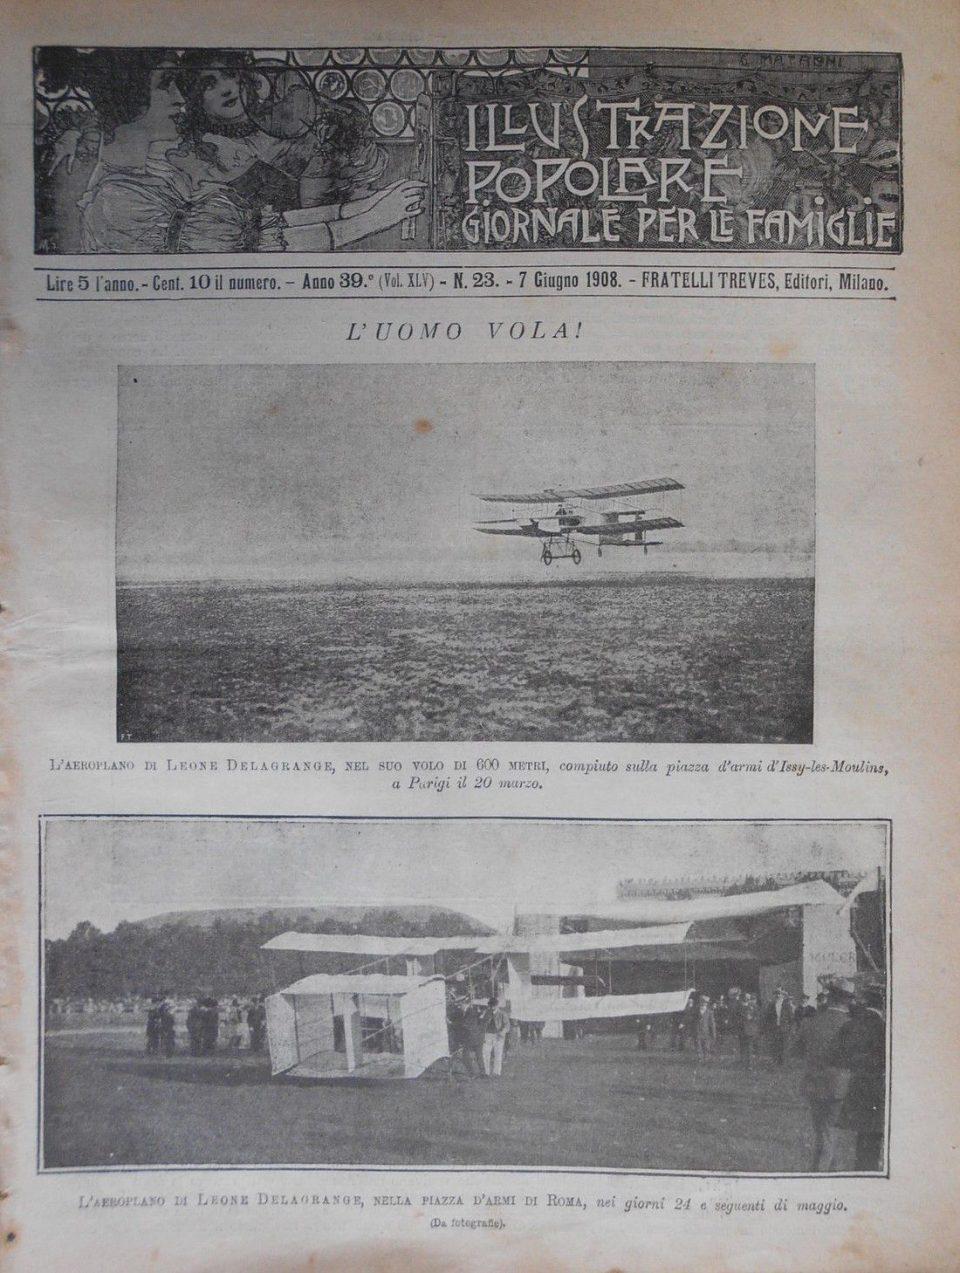 Illustrazione Popolare - Anno 39 - Vol XLV